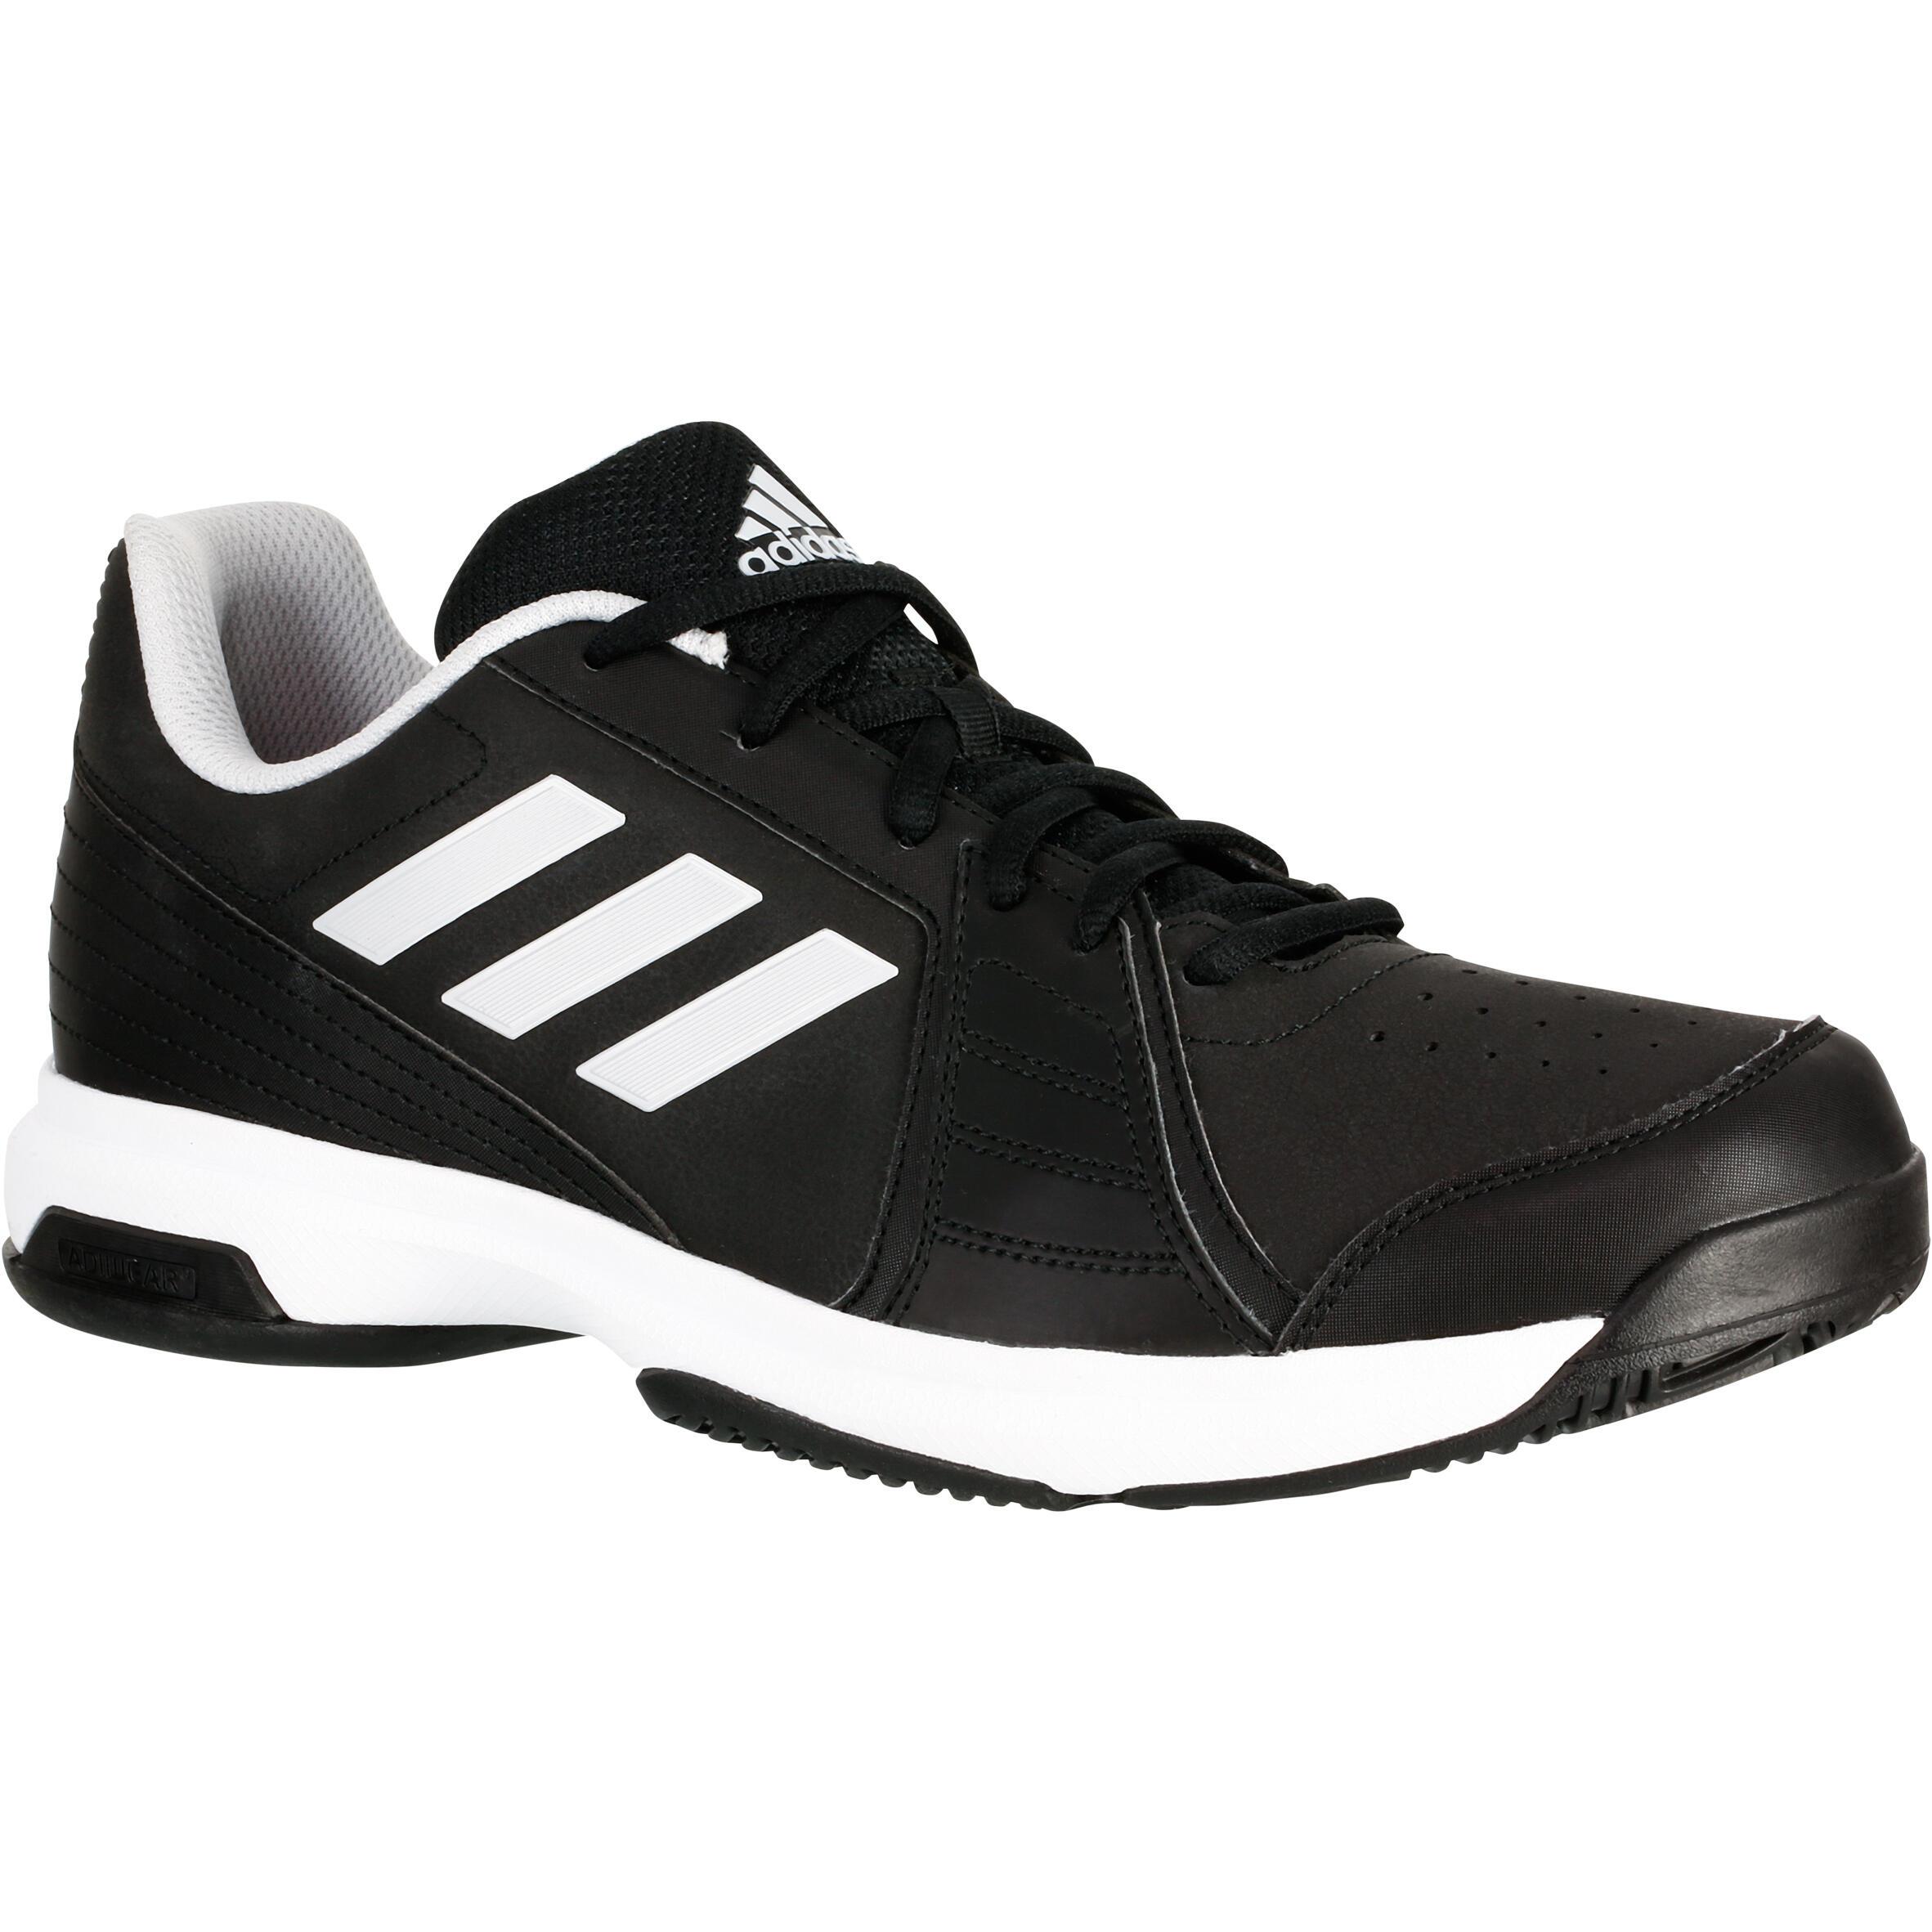 Tennisschuhe Approach Multicourt Herren schwarz | Schuhe > Sportschuhe > Tennisschuhe | Adidas